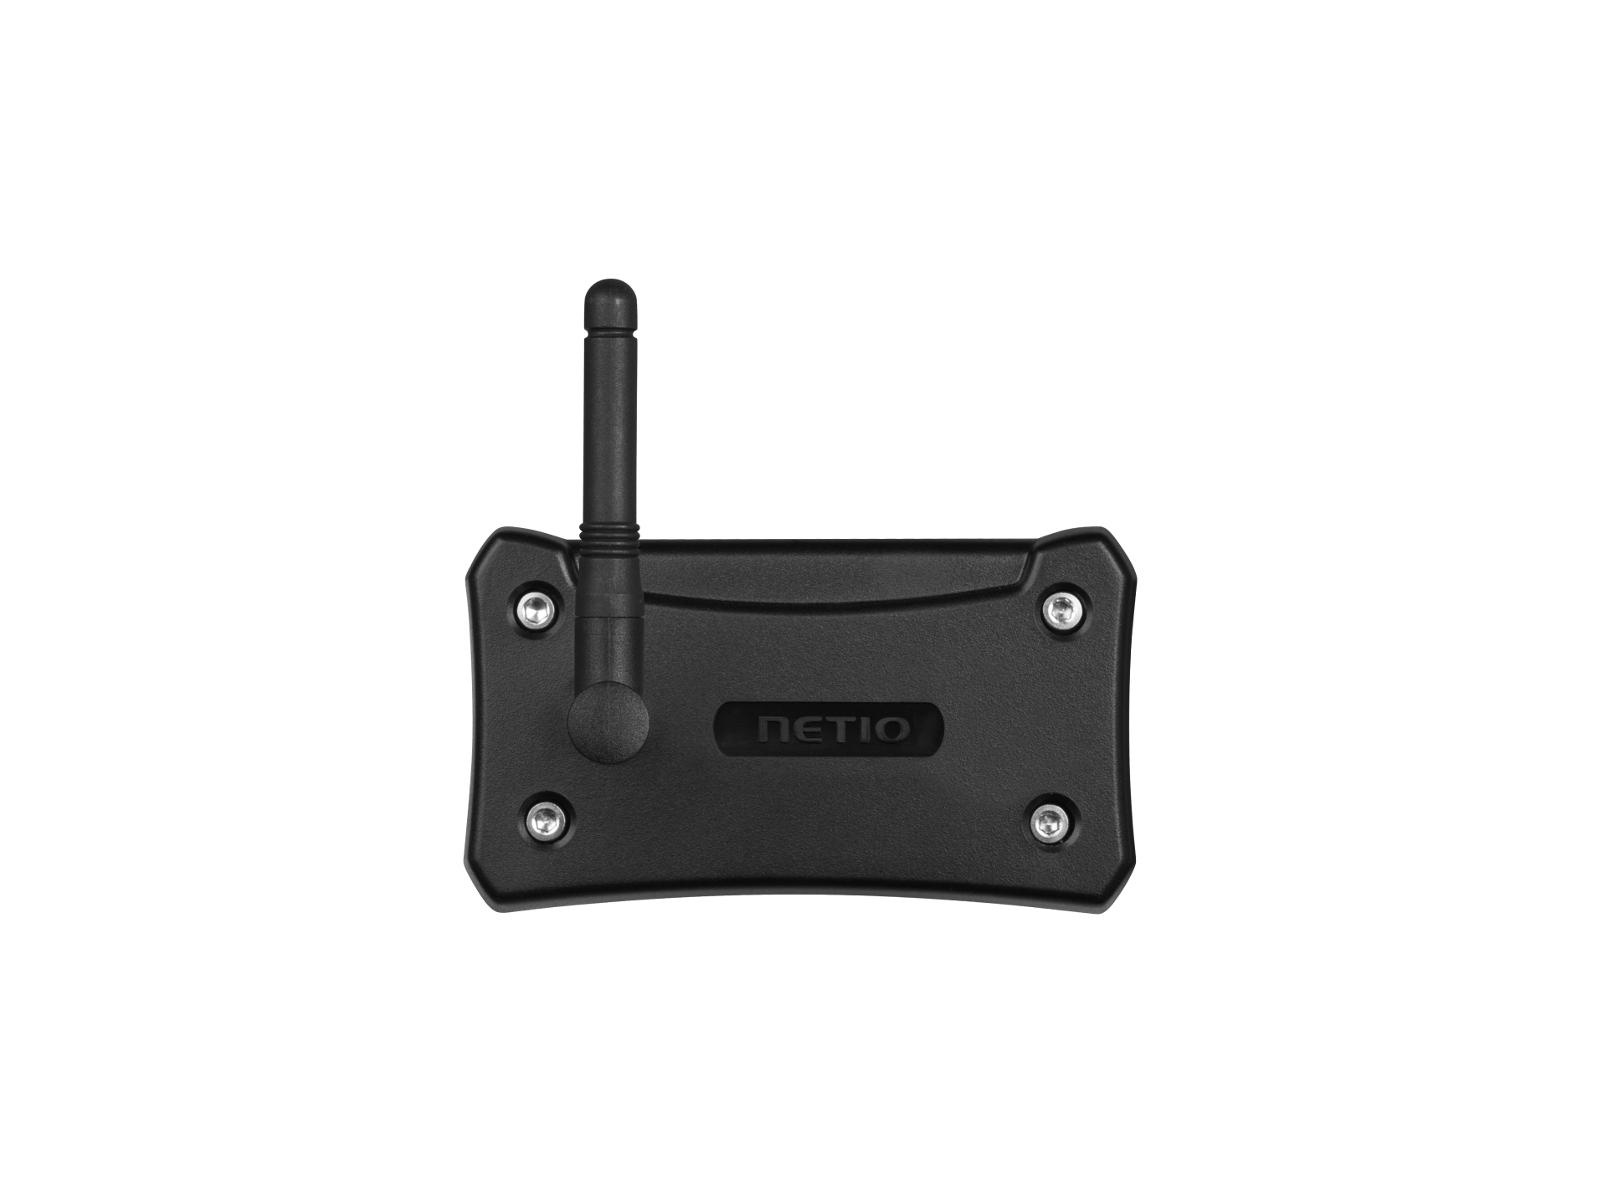 NETIO 4 připojují WiFi signál pomocí pevné externí antény. Mohou se připojit po WiFi do sítě, nebo tvořit WiFi AP.